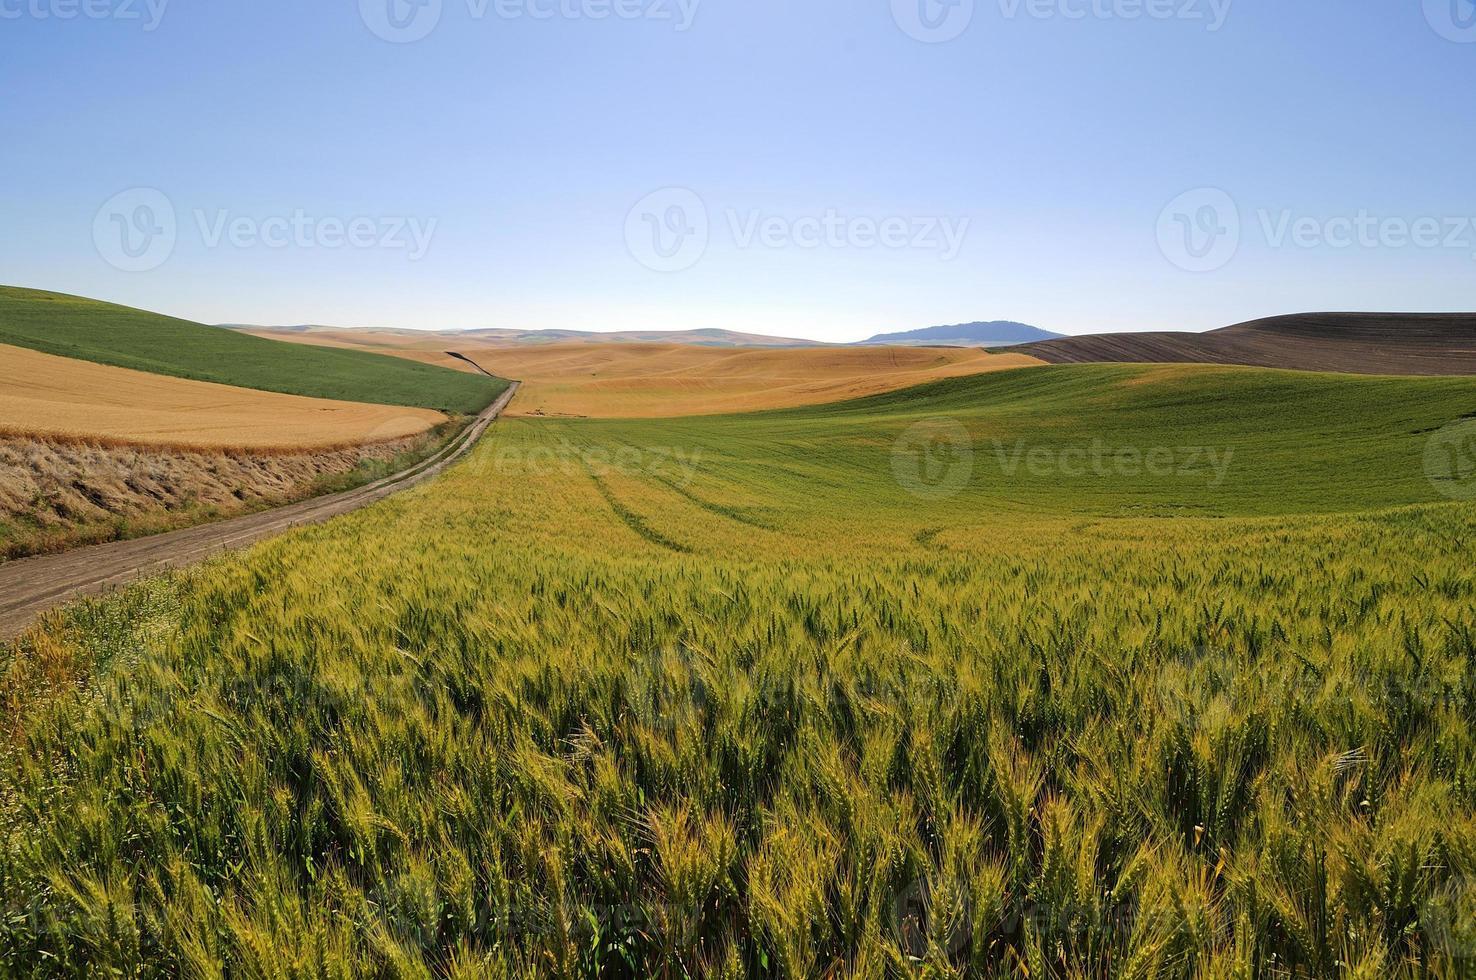 campos de trigo, cevada e soja ao longo de uma estrada rural foto